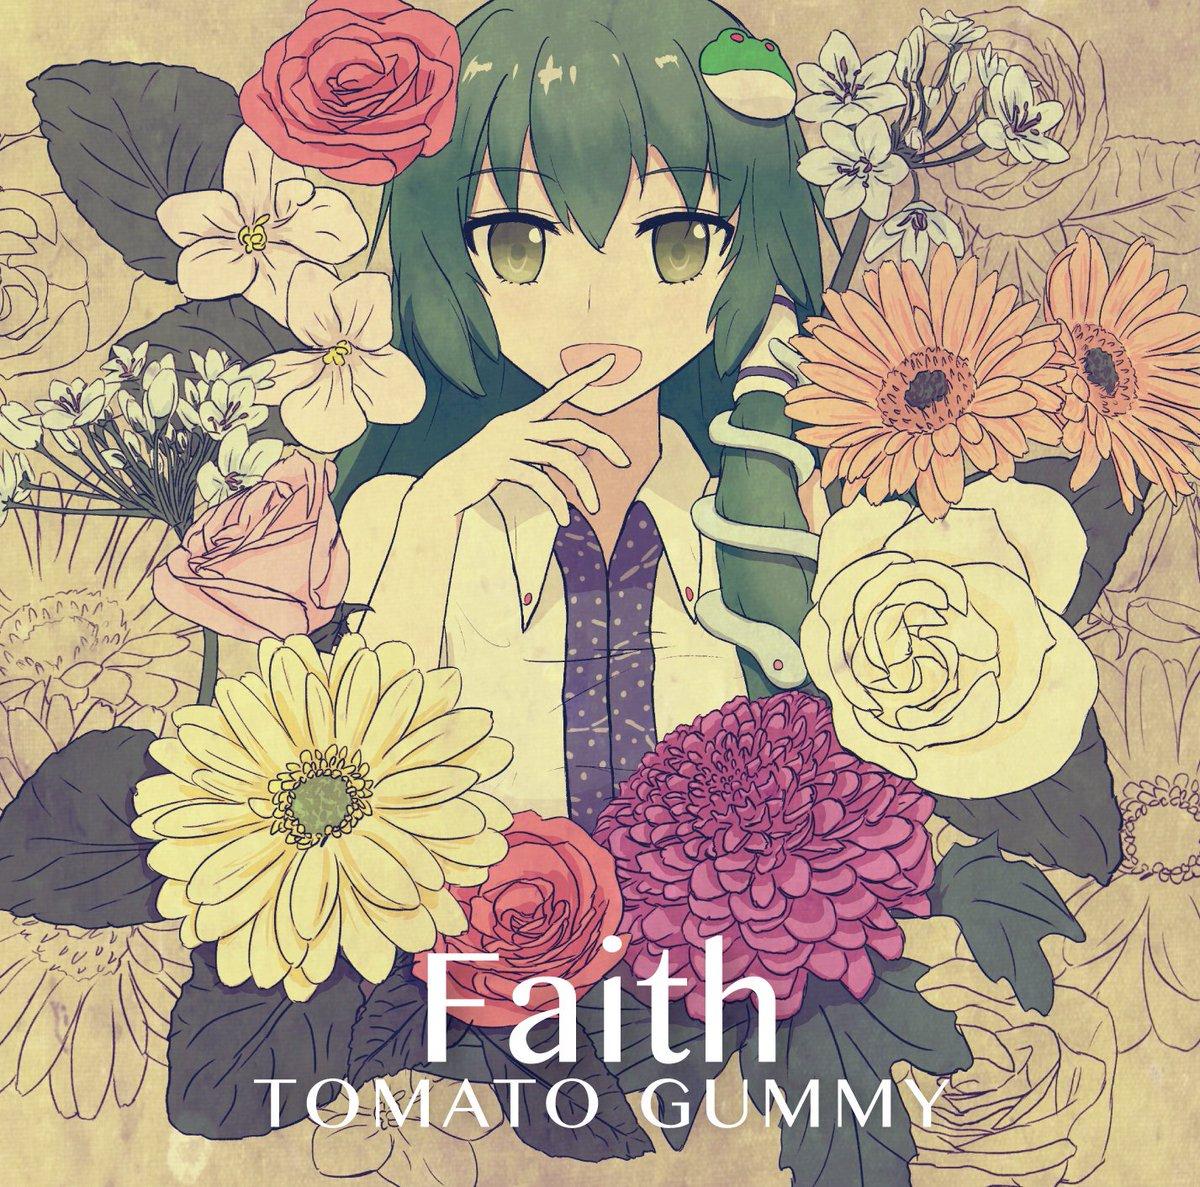 【例大祭14新譜情報】 5/7『い46b トマト組』 東方ジャズアレンジCD「Faith」特設サイト